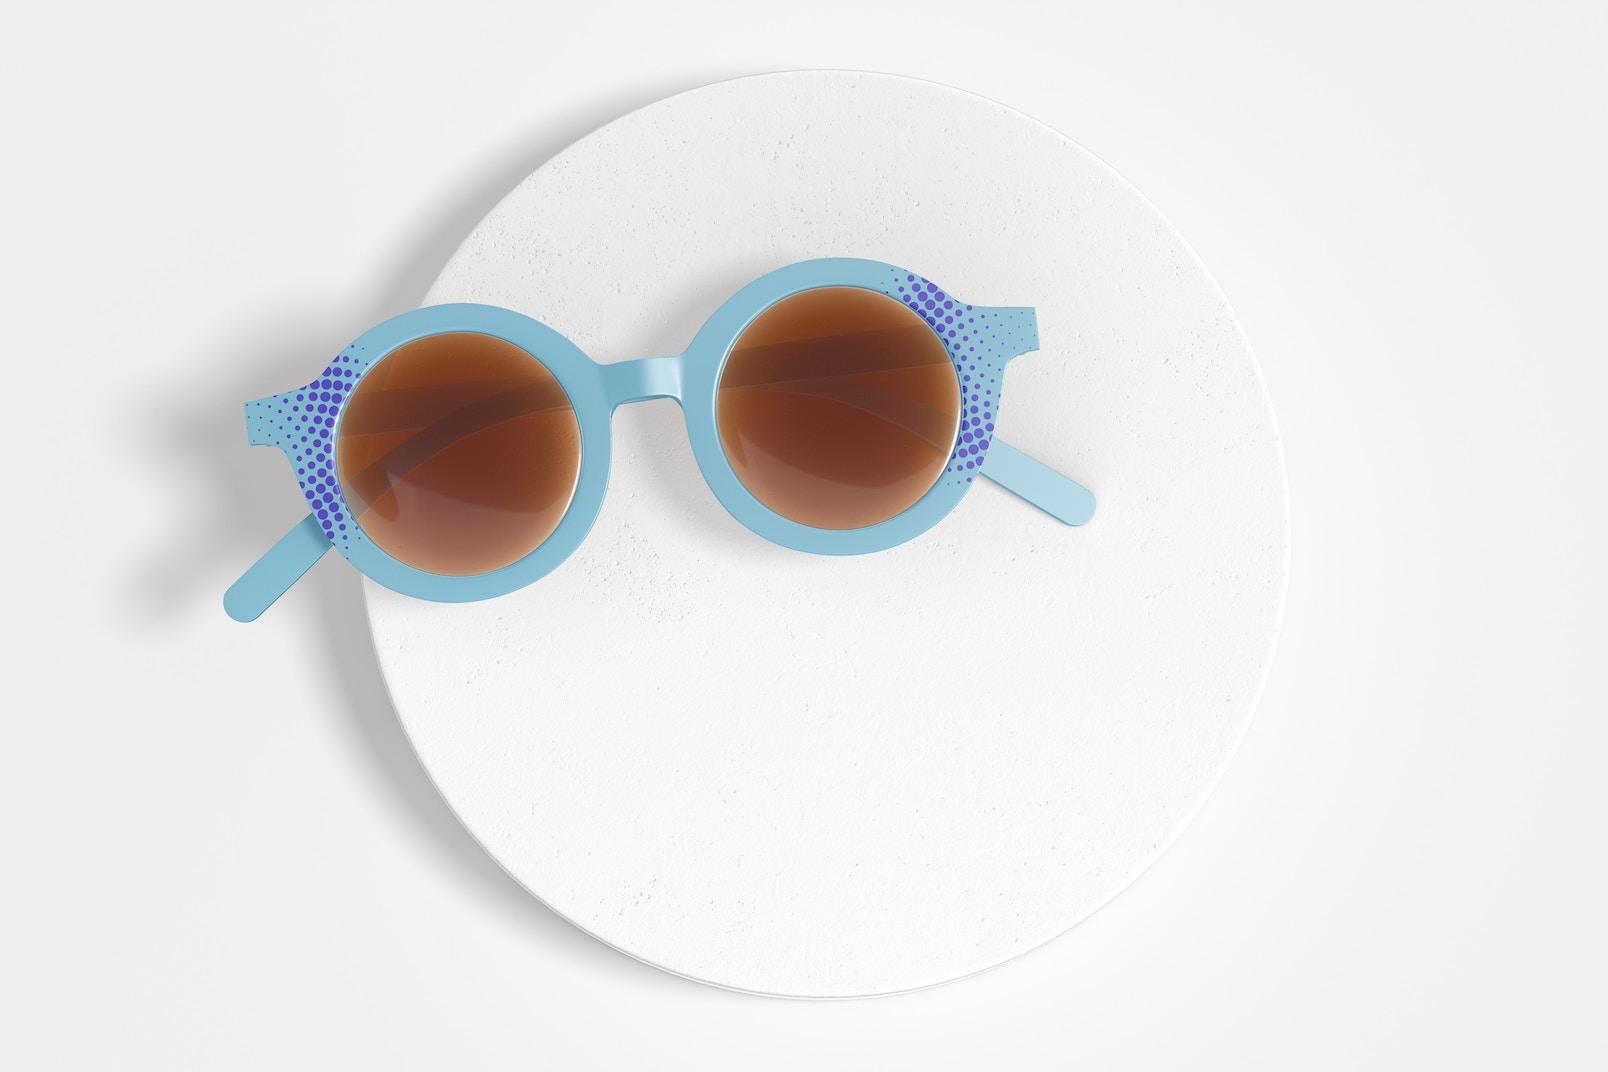 Kids Sunglasses Mockup